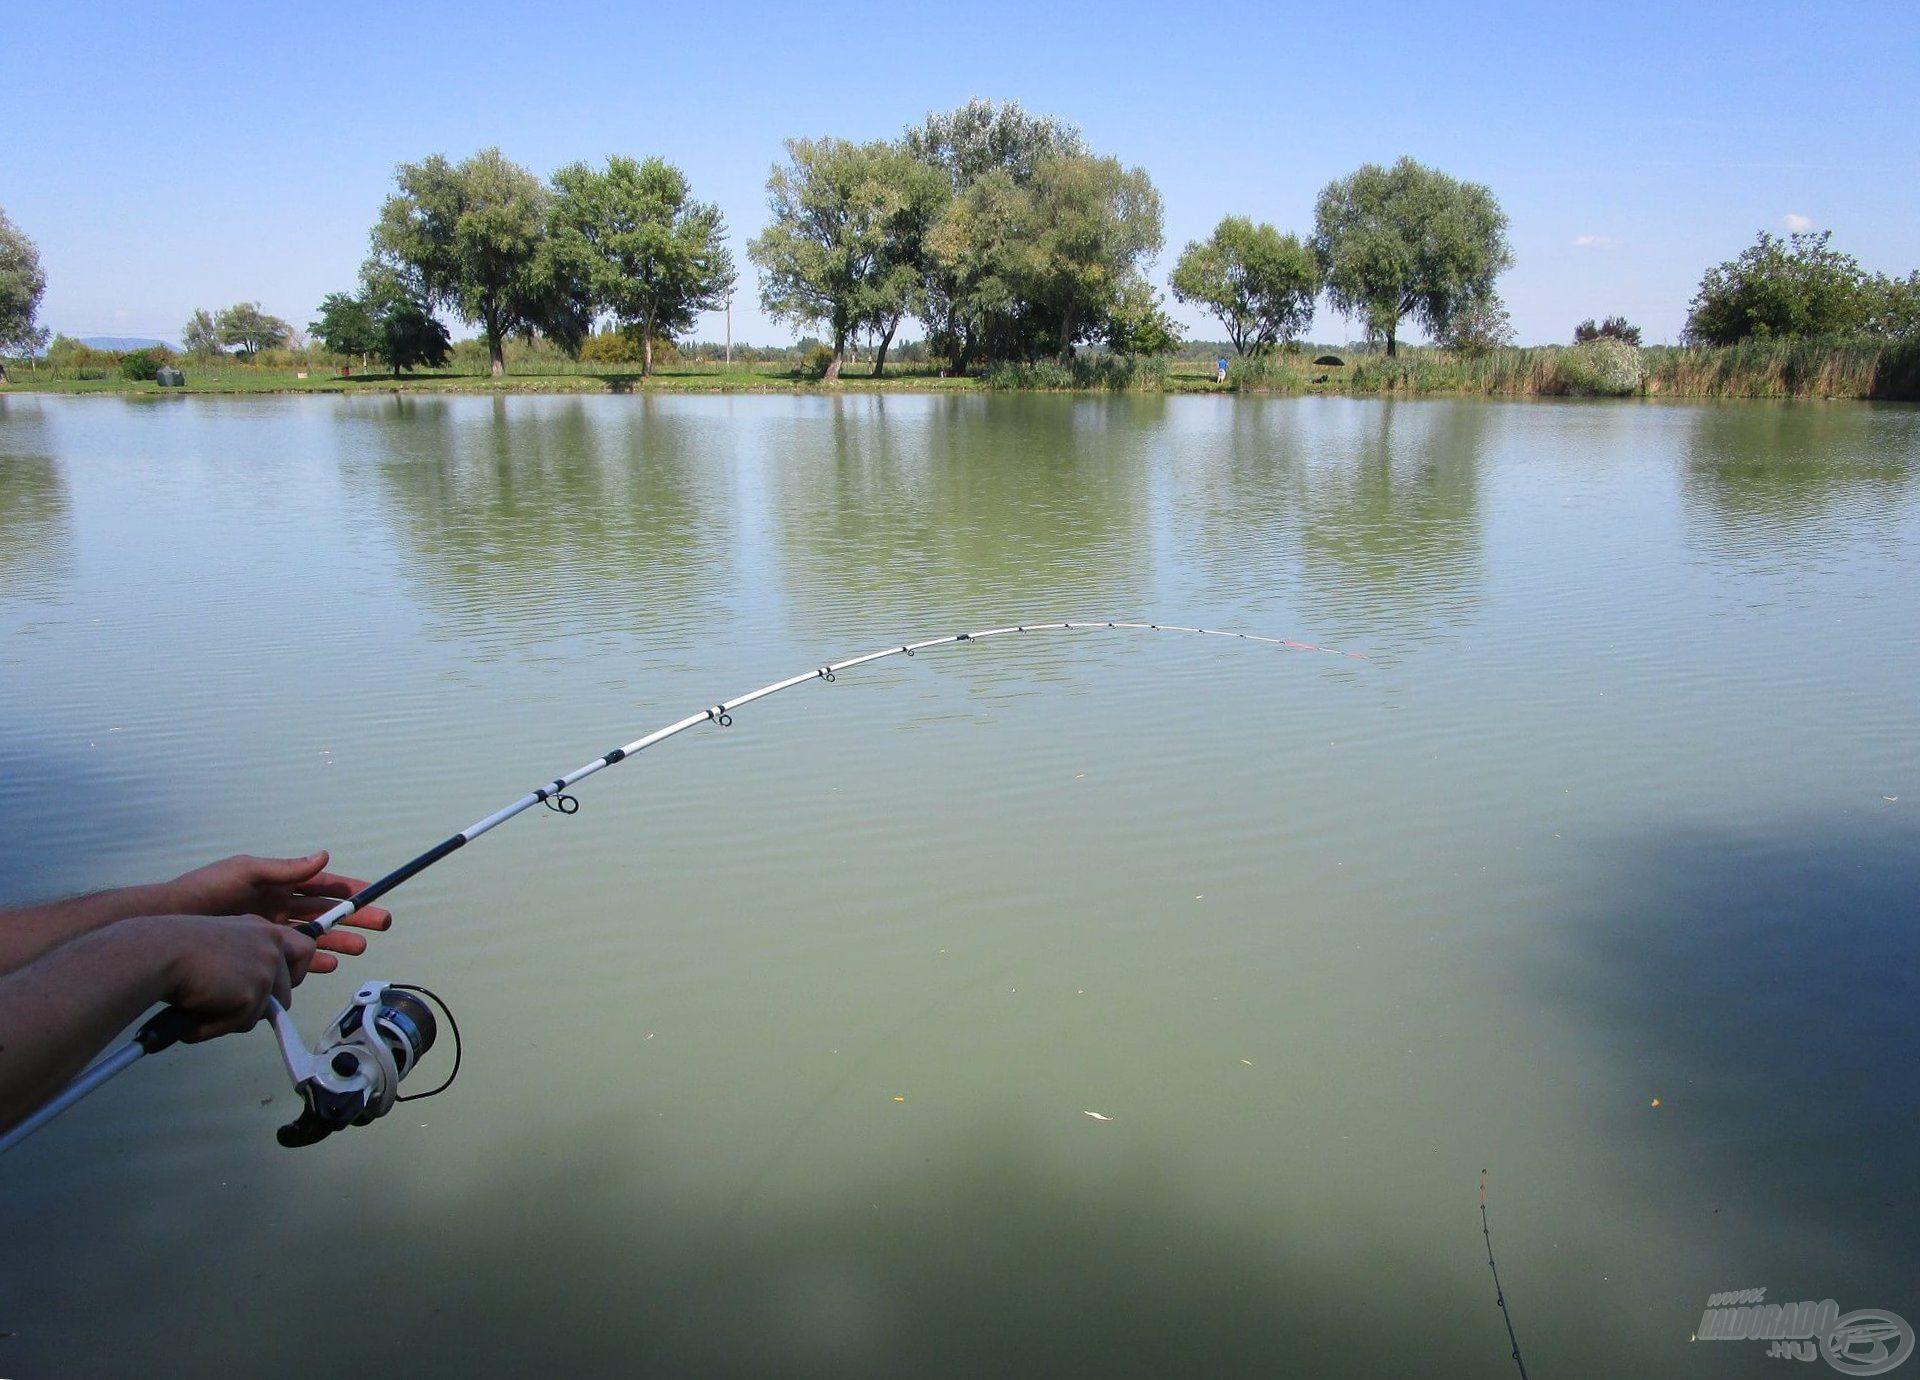 Akcióban a nagy kedvencem, a Pro Method Feeder bot. Ezt a botot a legtöbb horgászatra magammal viszem